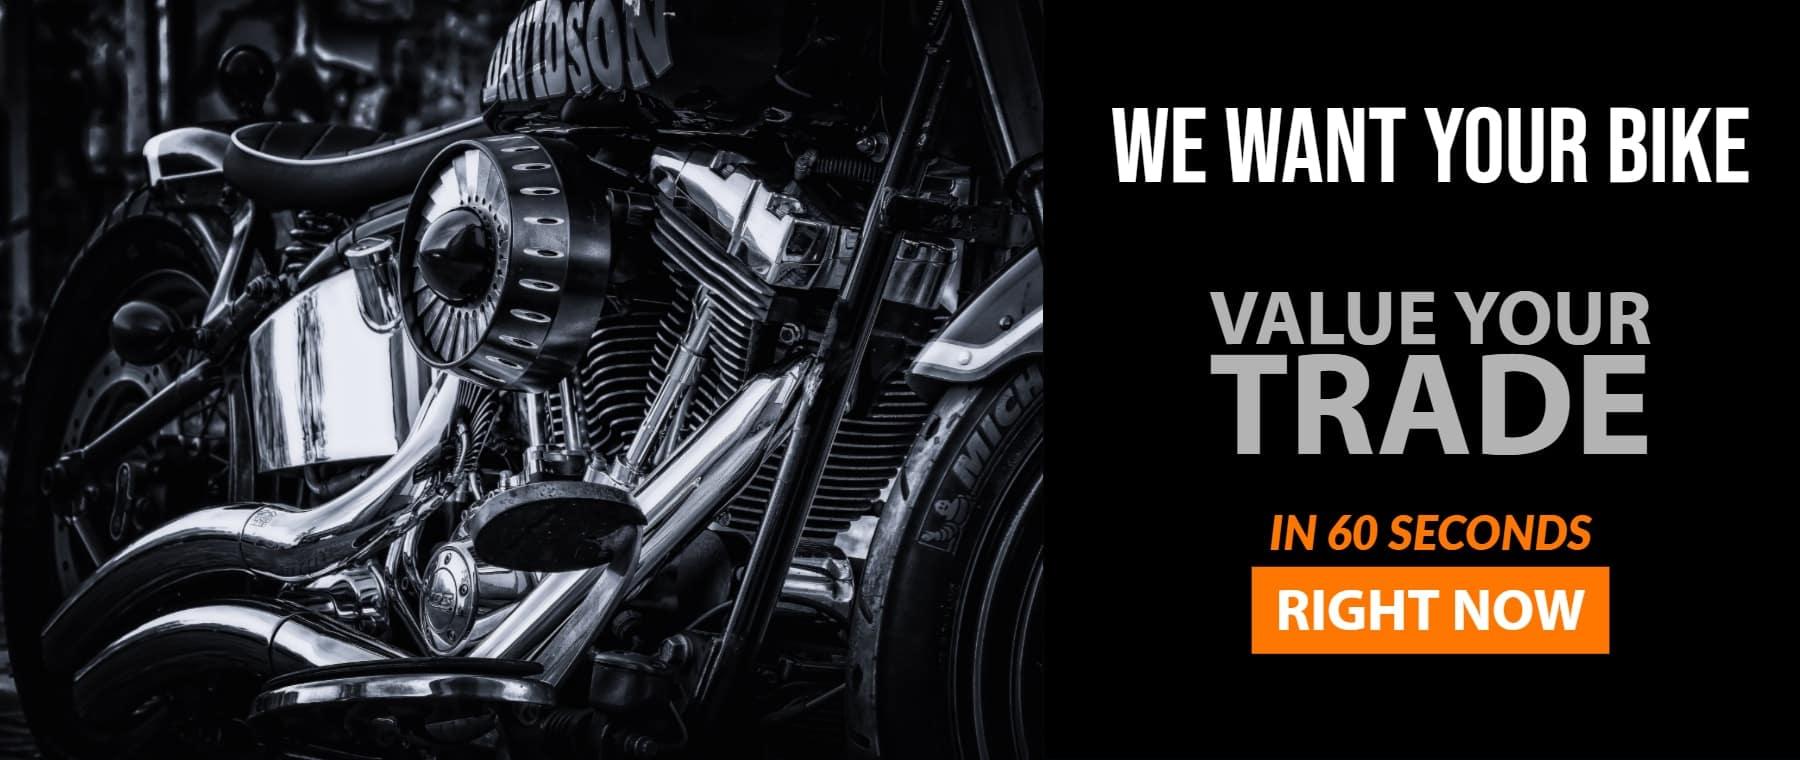 Miracle City Harley Davidson